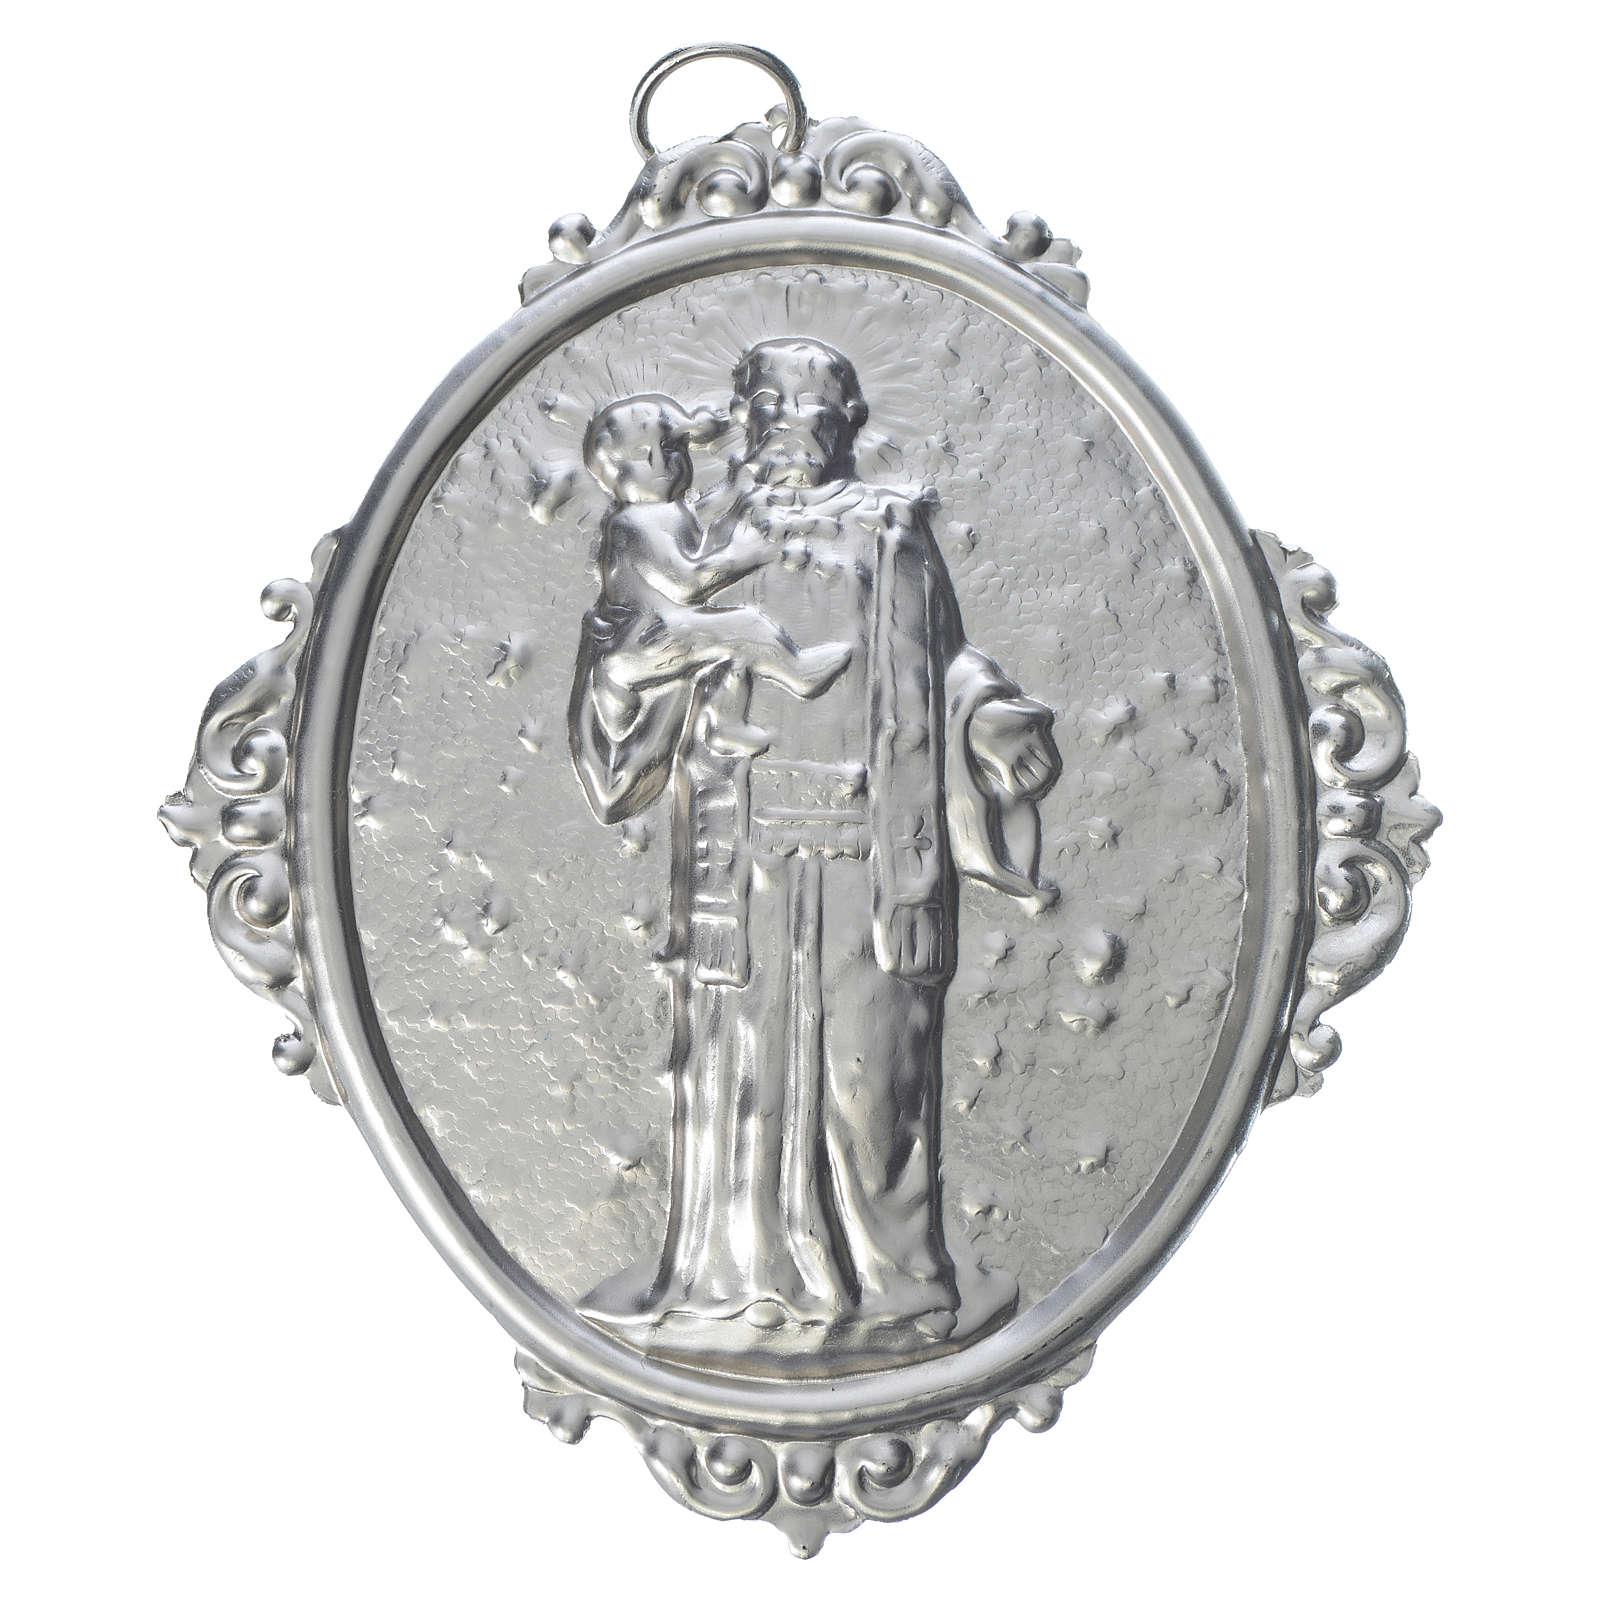 Medaglione per confraternita Sant'Antonio con Gesù 3